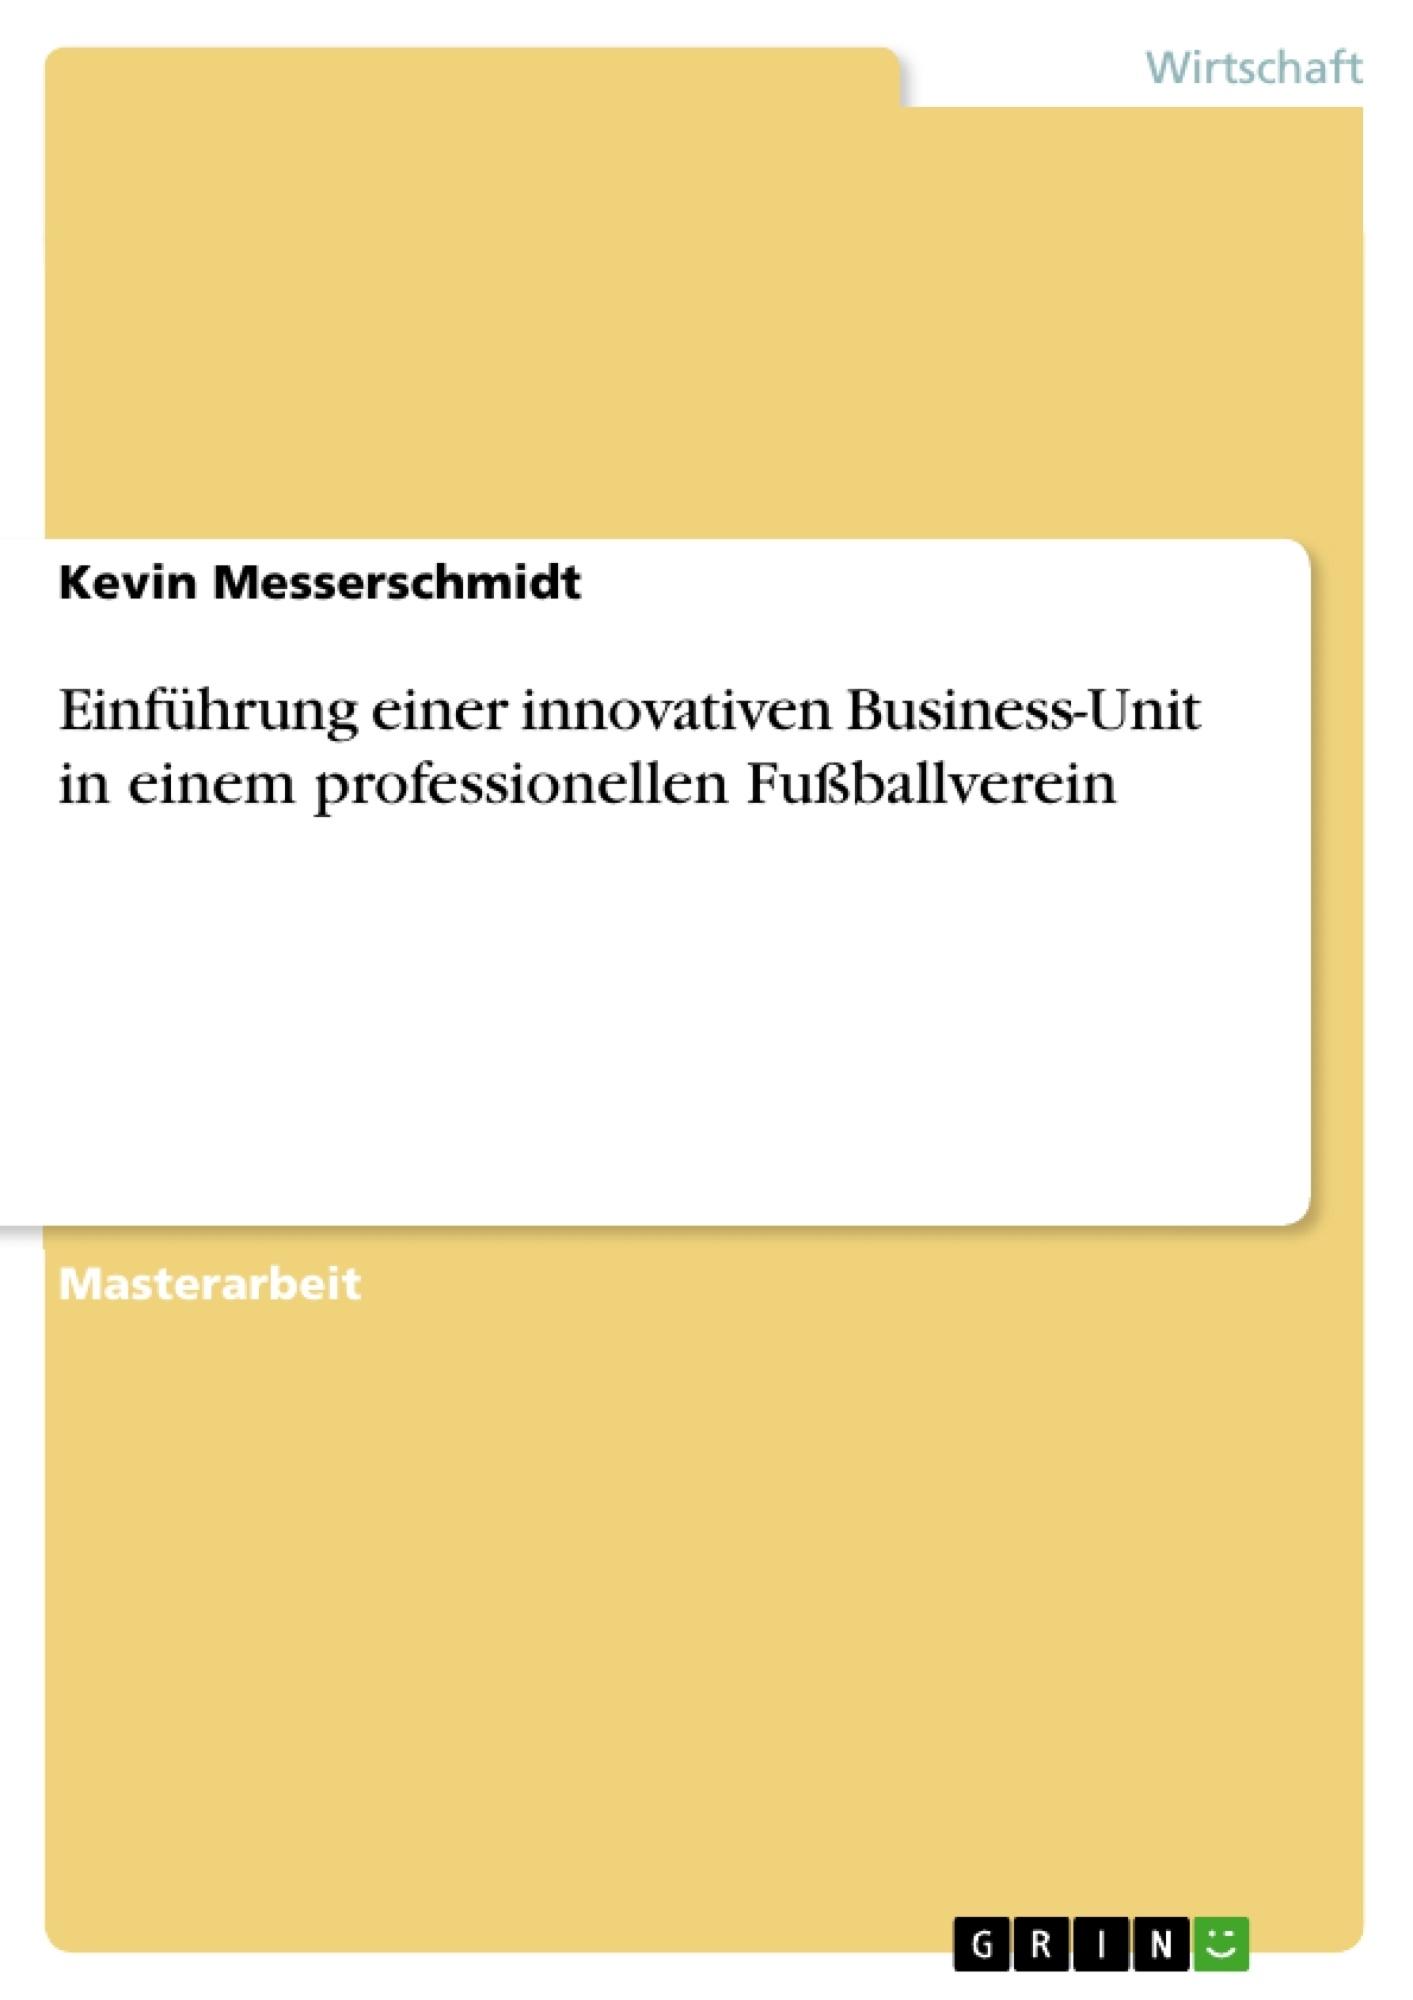 Titel: Einführung einer innovativen Business-Unit in einem professionellen Fußballverein